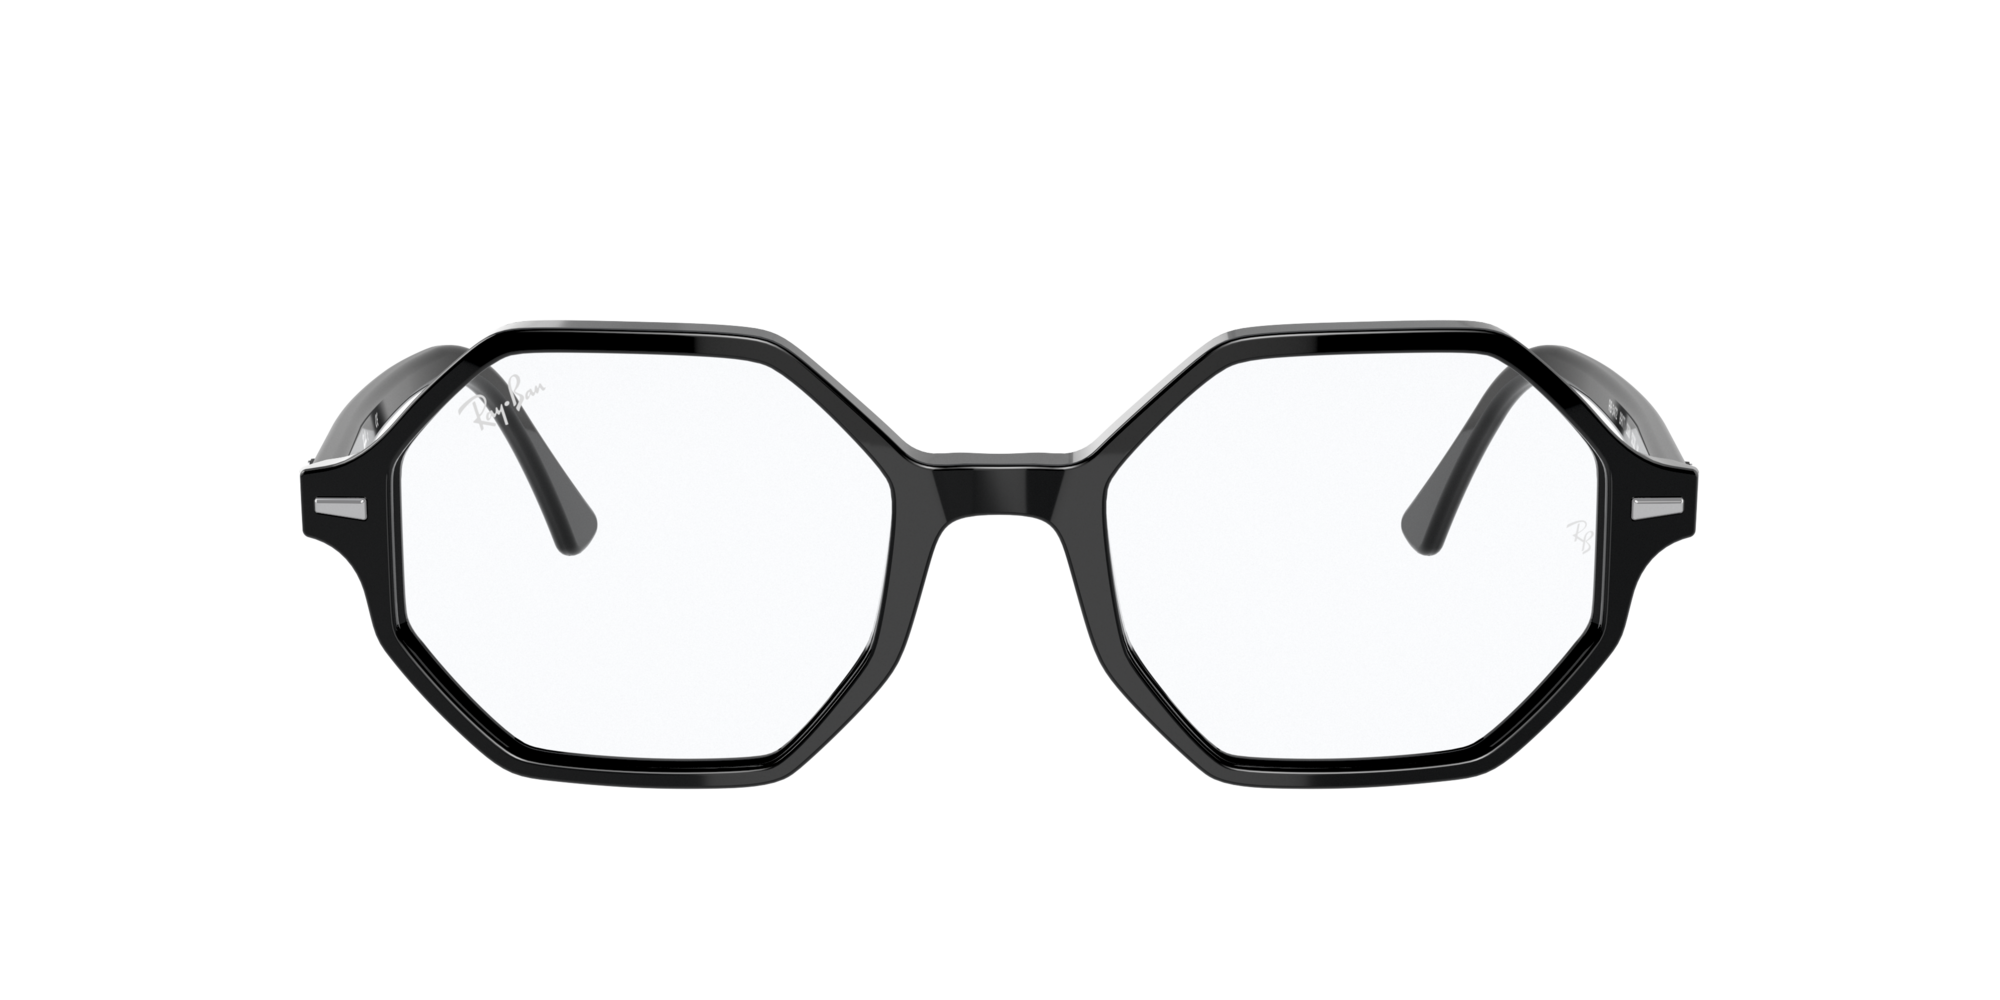 Imagen para BRITT de LensCrafters    Espejuelos, espejuelos graduados en línea, gafas